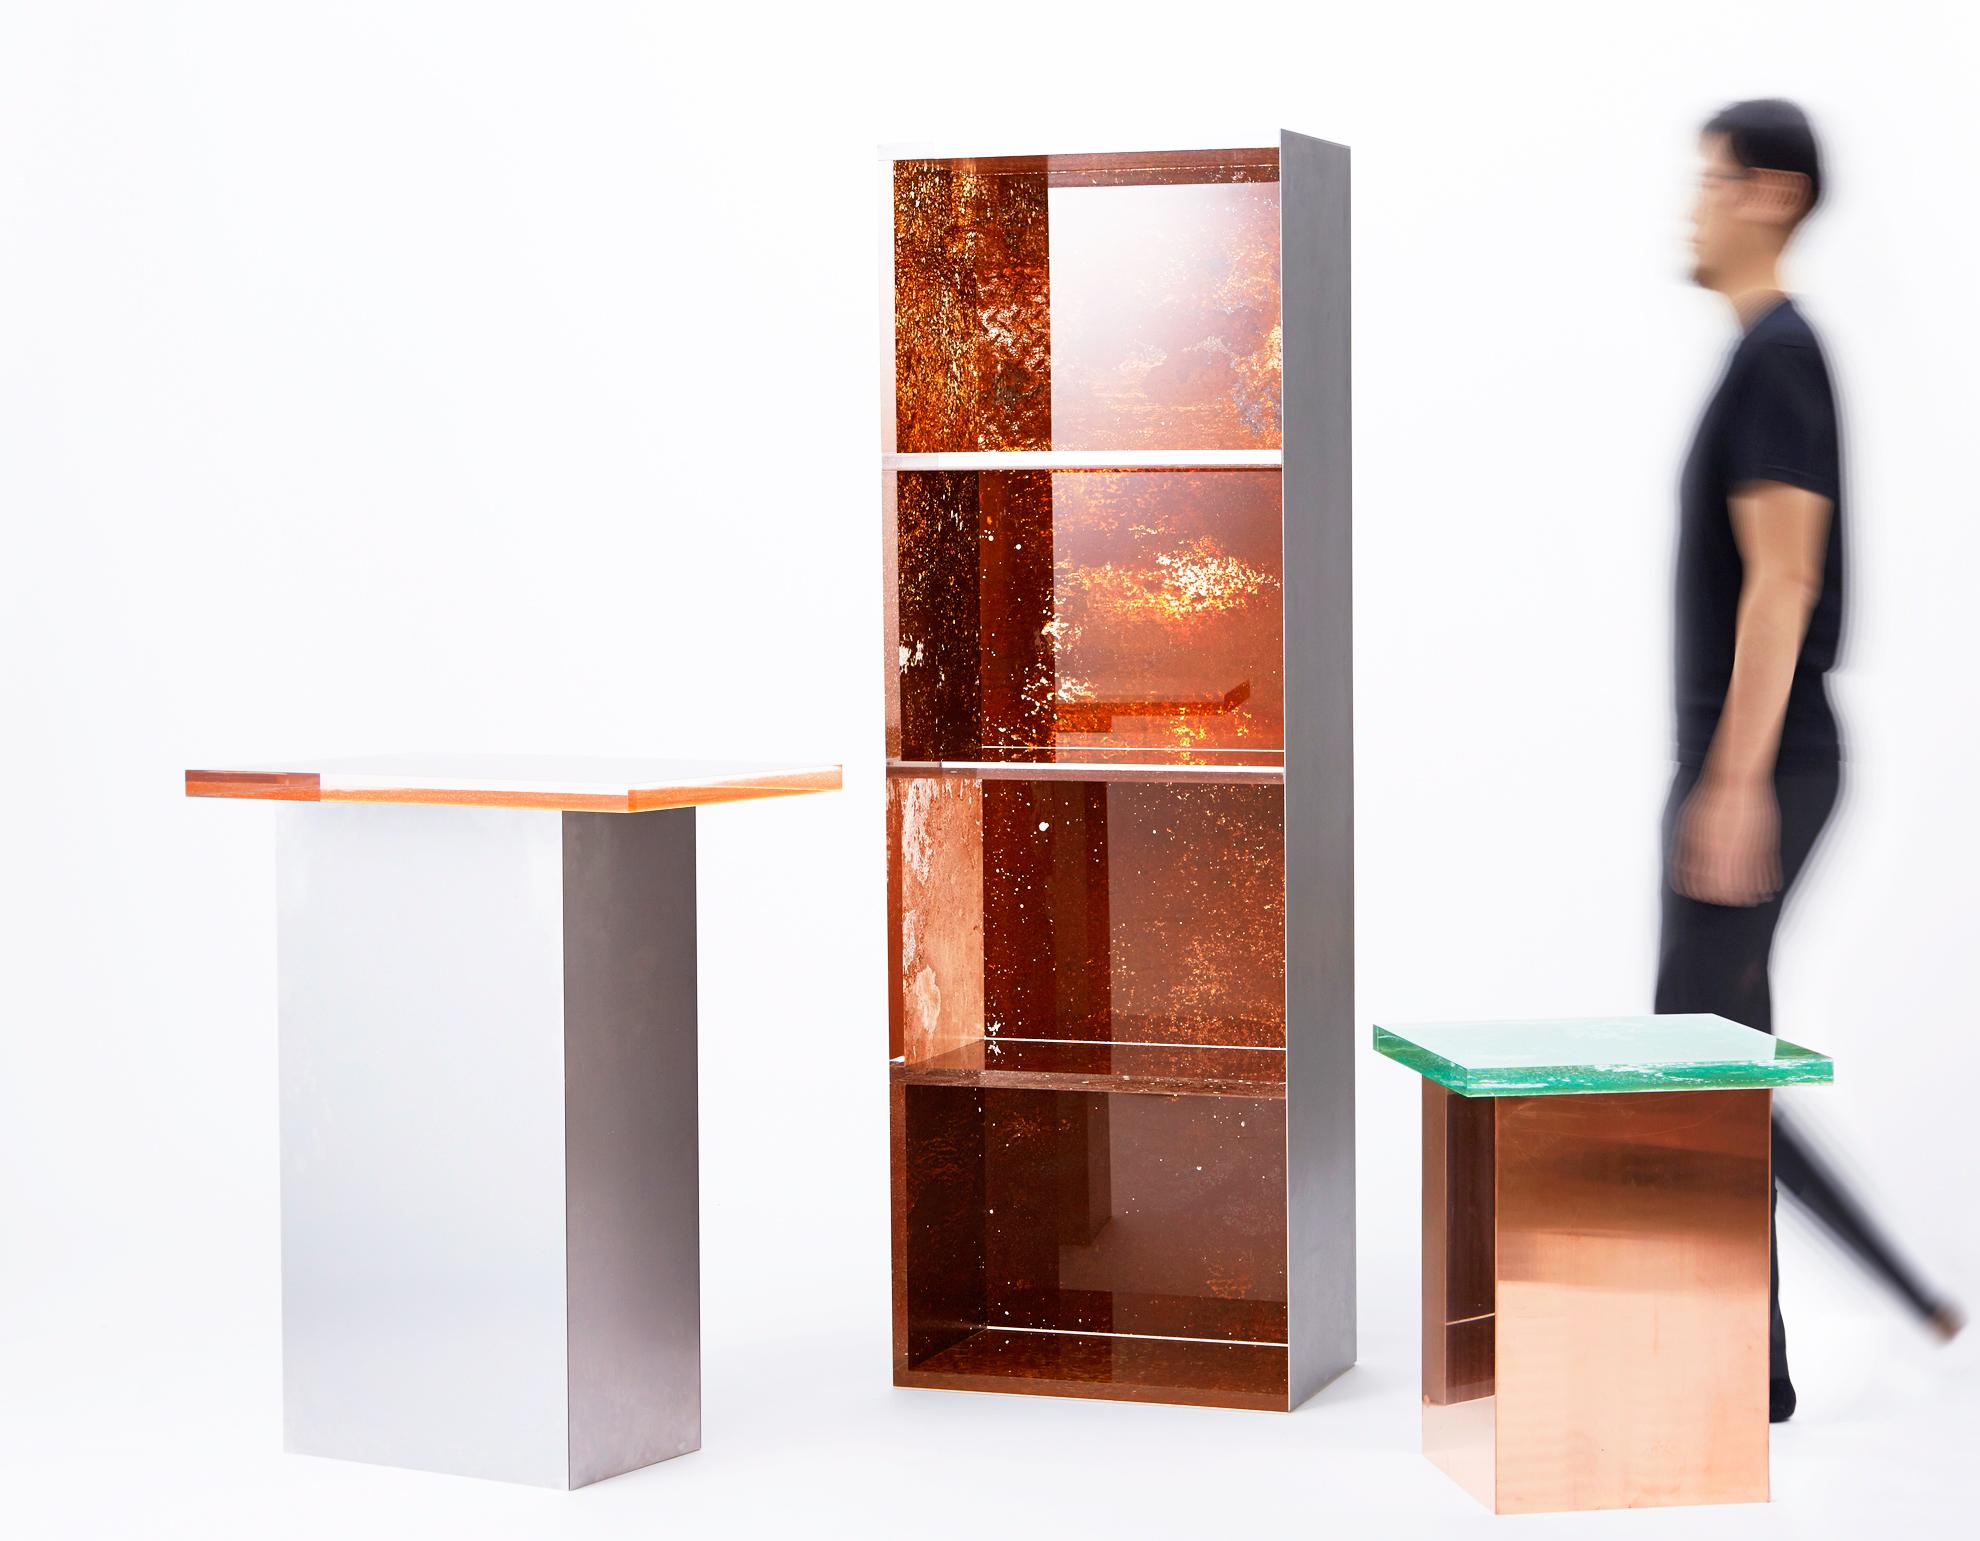 estantería, mesa y banco del proyecto Rust Harvest del japones Yuma Kano